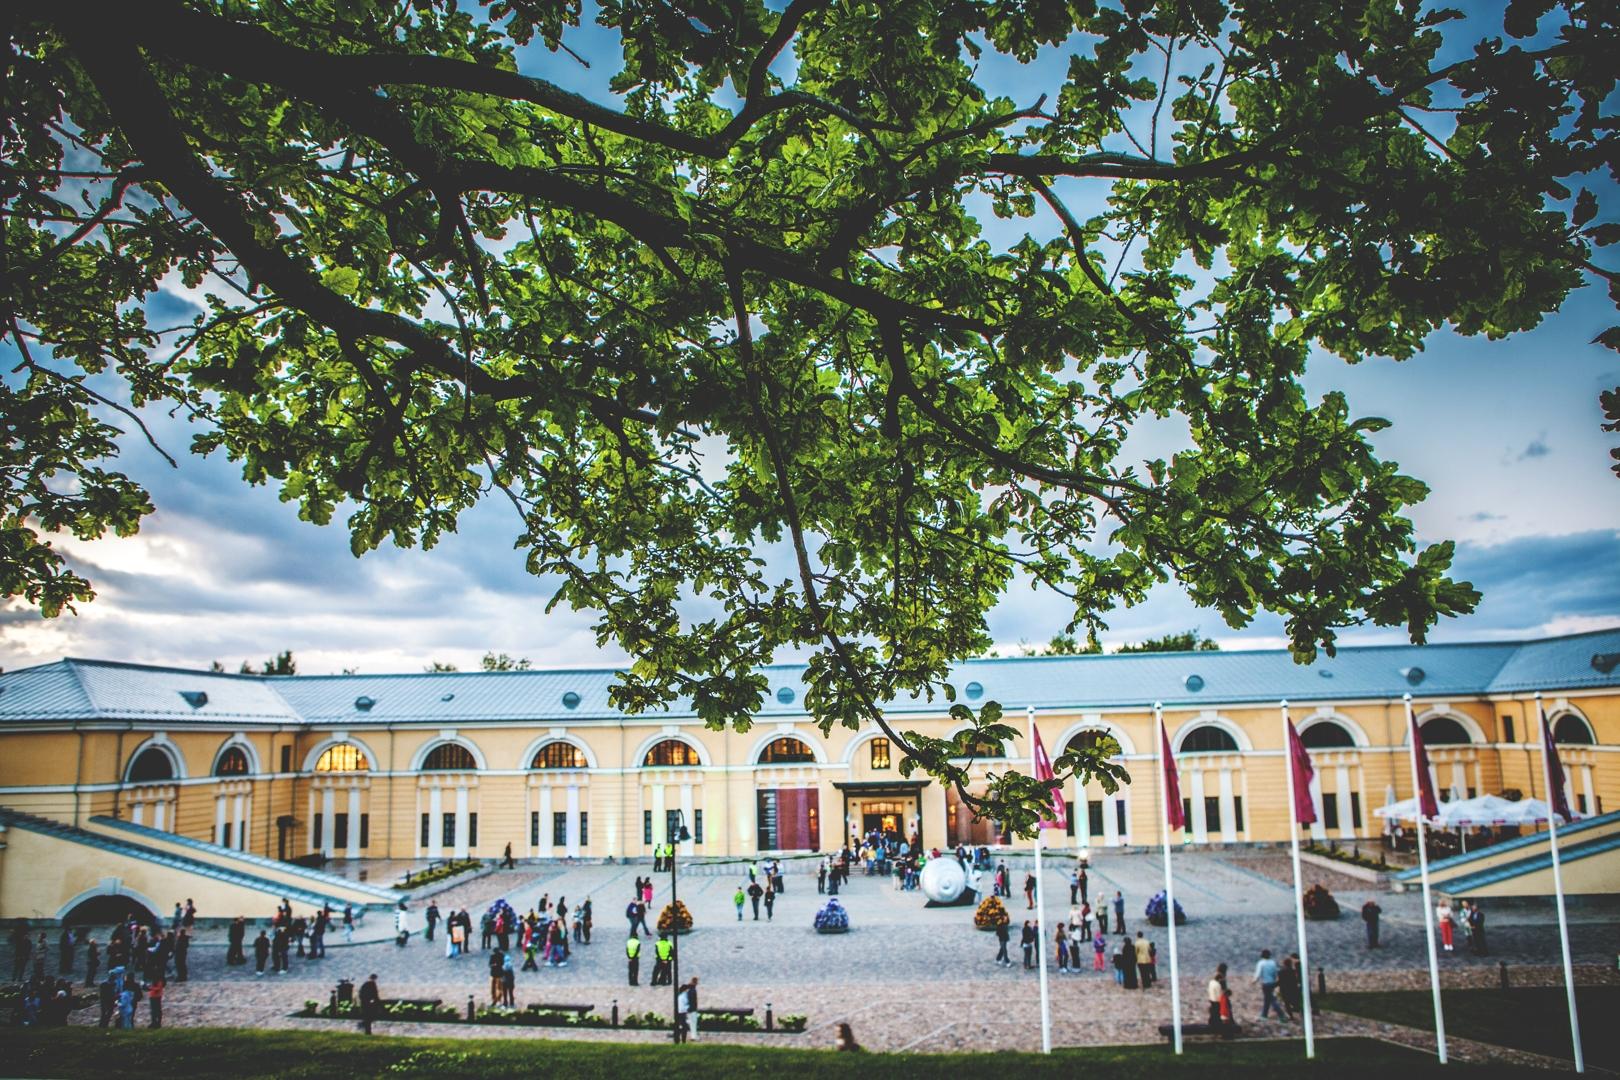 Mark Rothko Centre,Latvia image